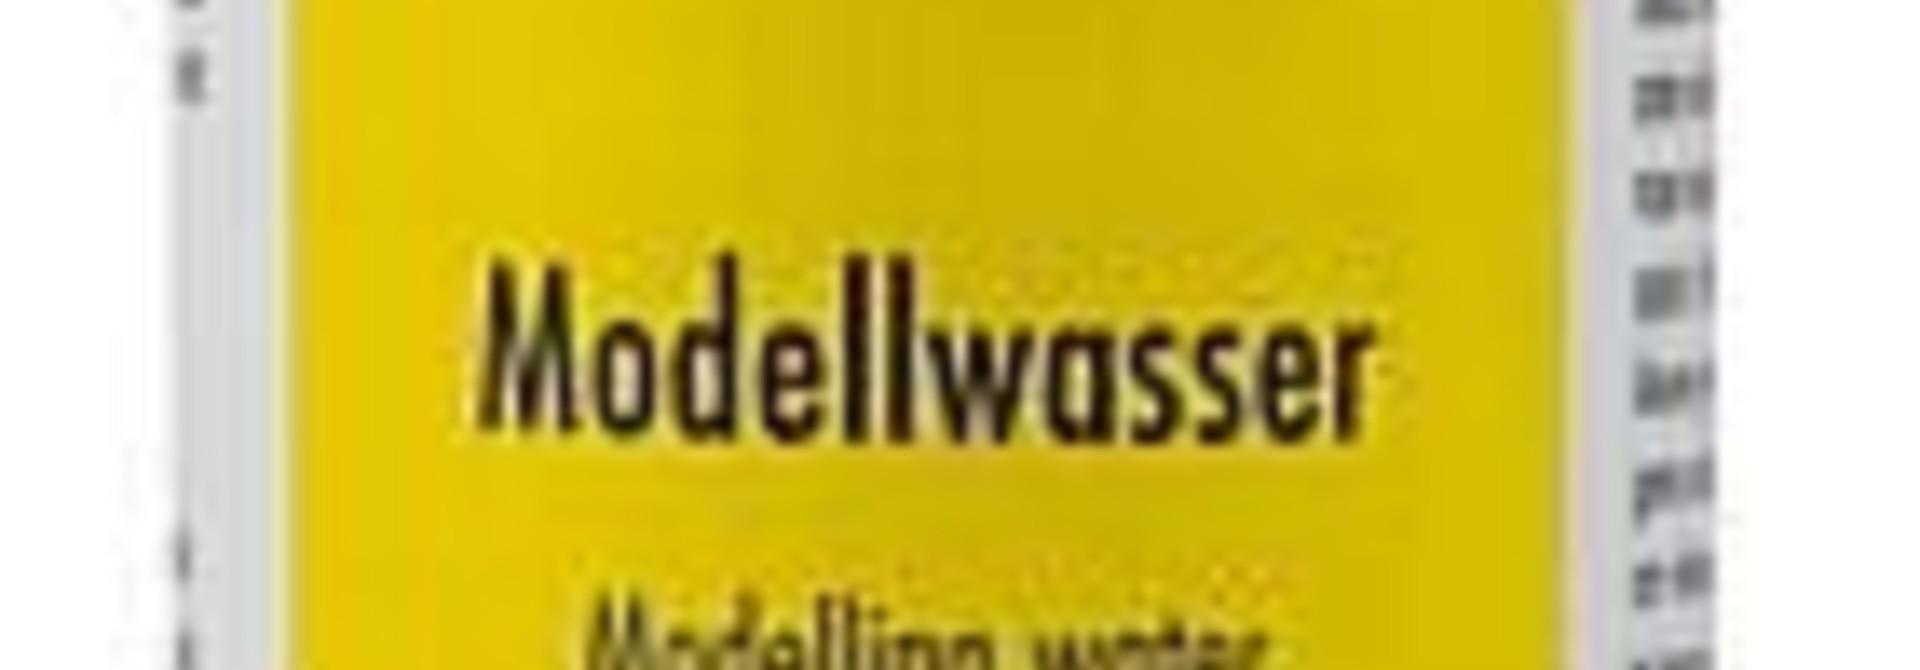 171658 Modellwasser